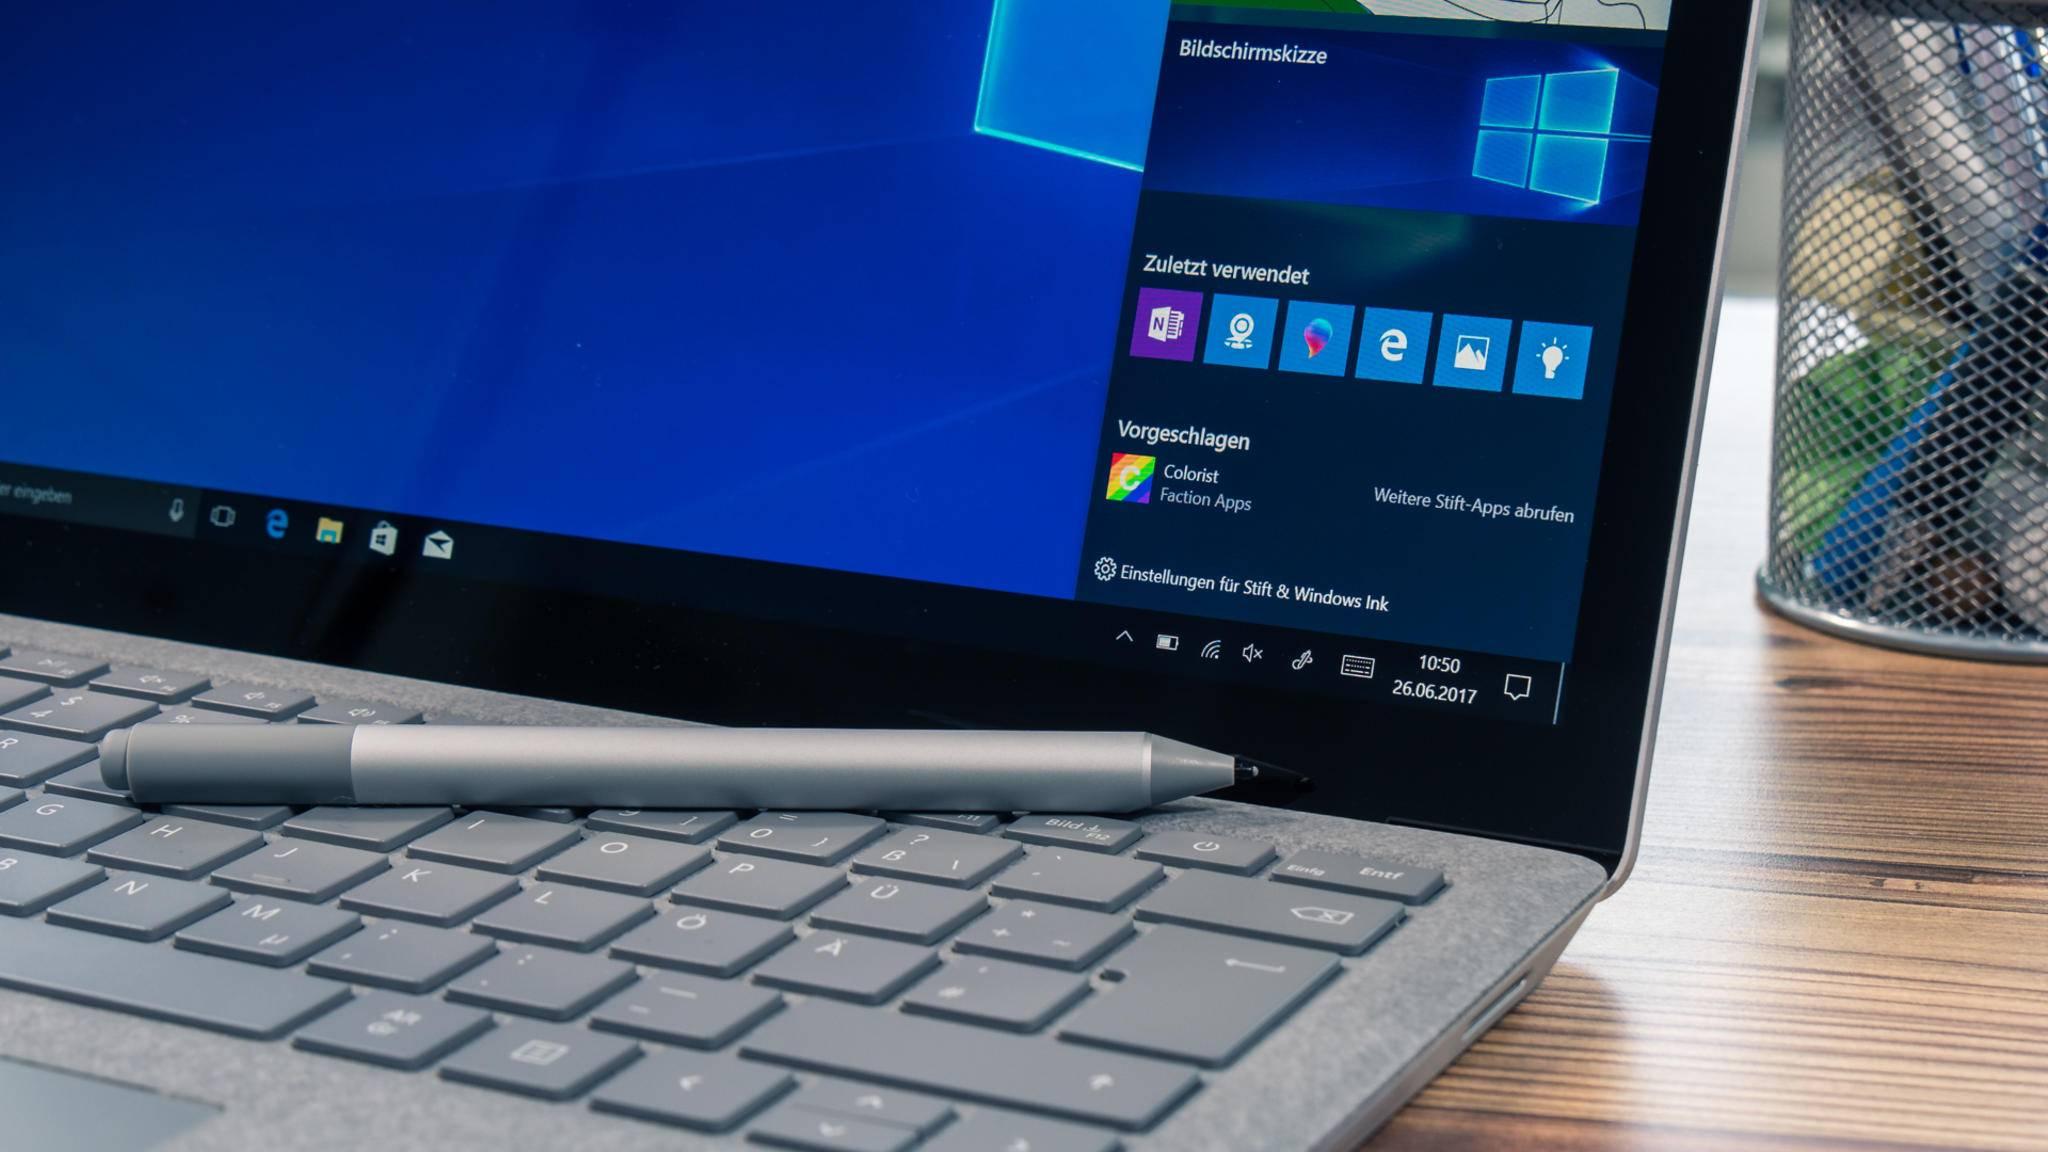 Windows 10 S ist auf einigen Varianten des Surface Laptop vorinstalliert.